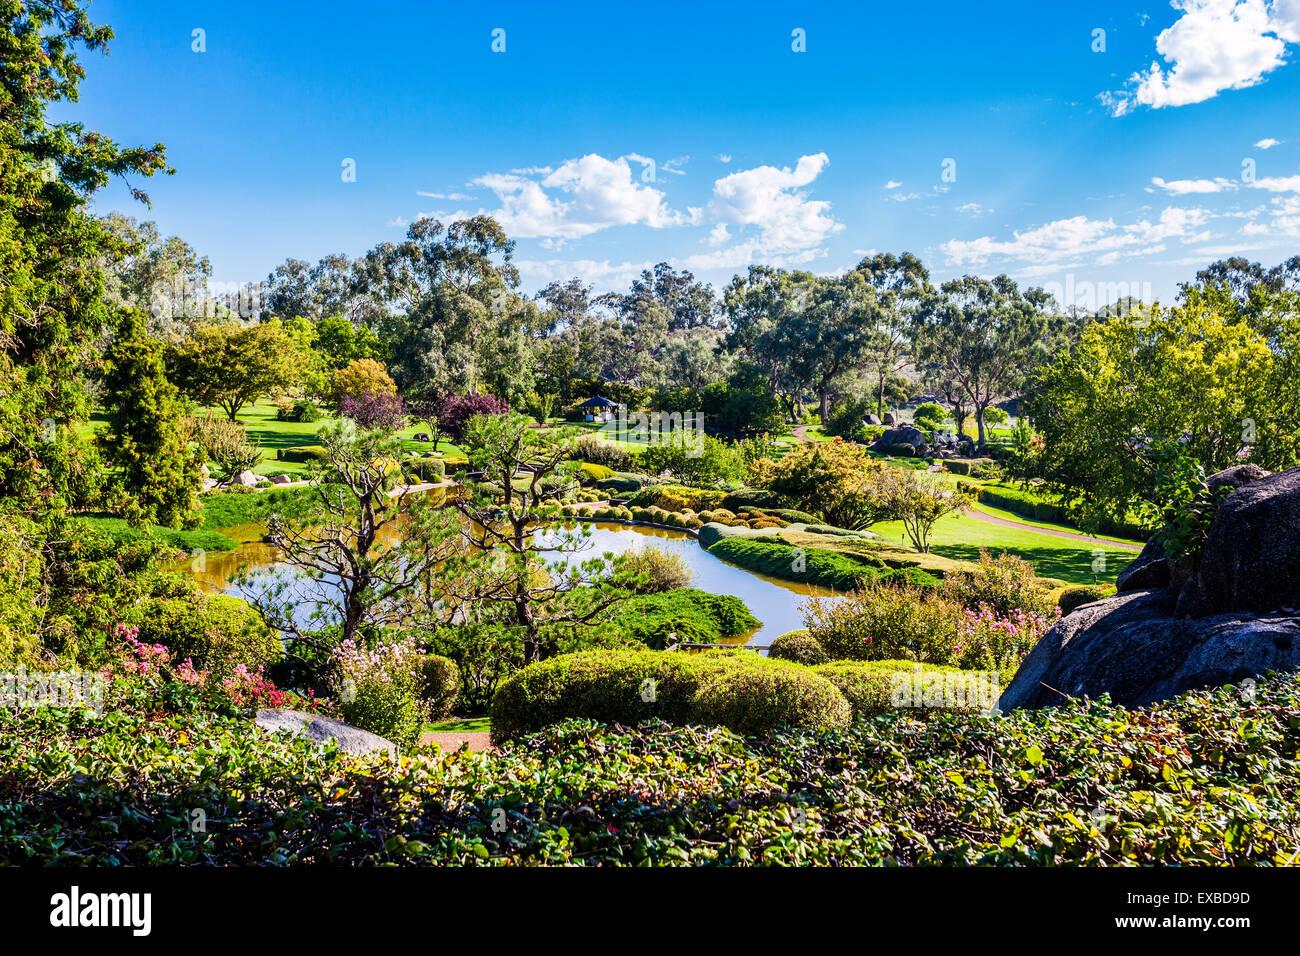 L'Australie, Nouvelle Galles du Sud, région du Centre-Ouest, Cowra Jardin japonais Photo Stock